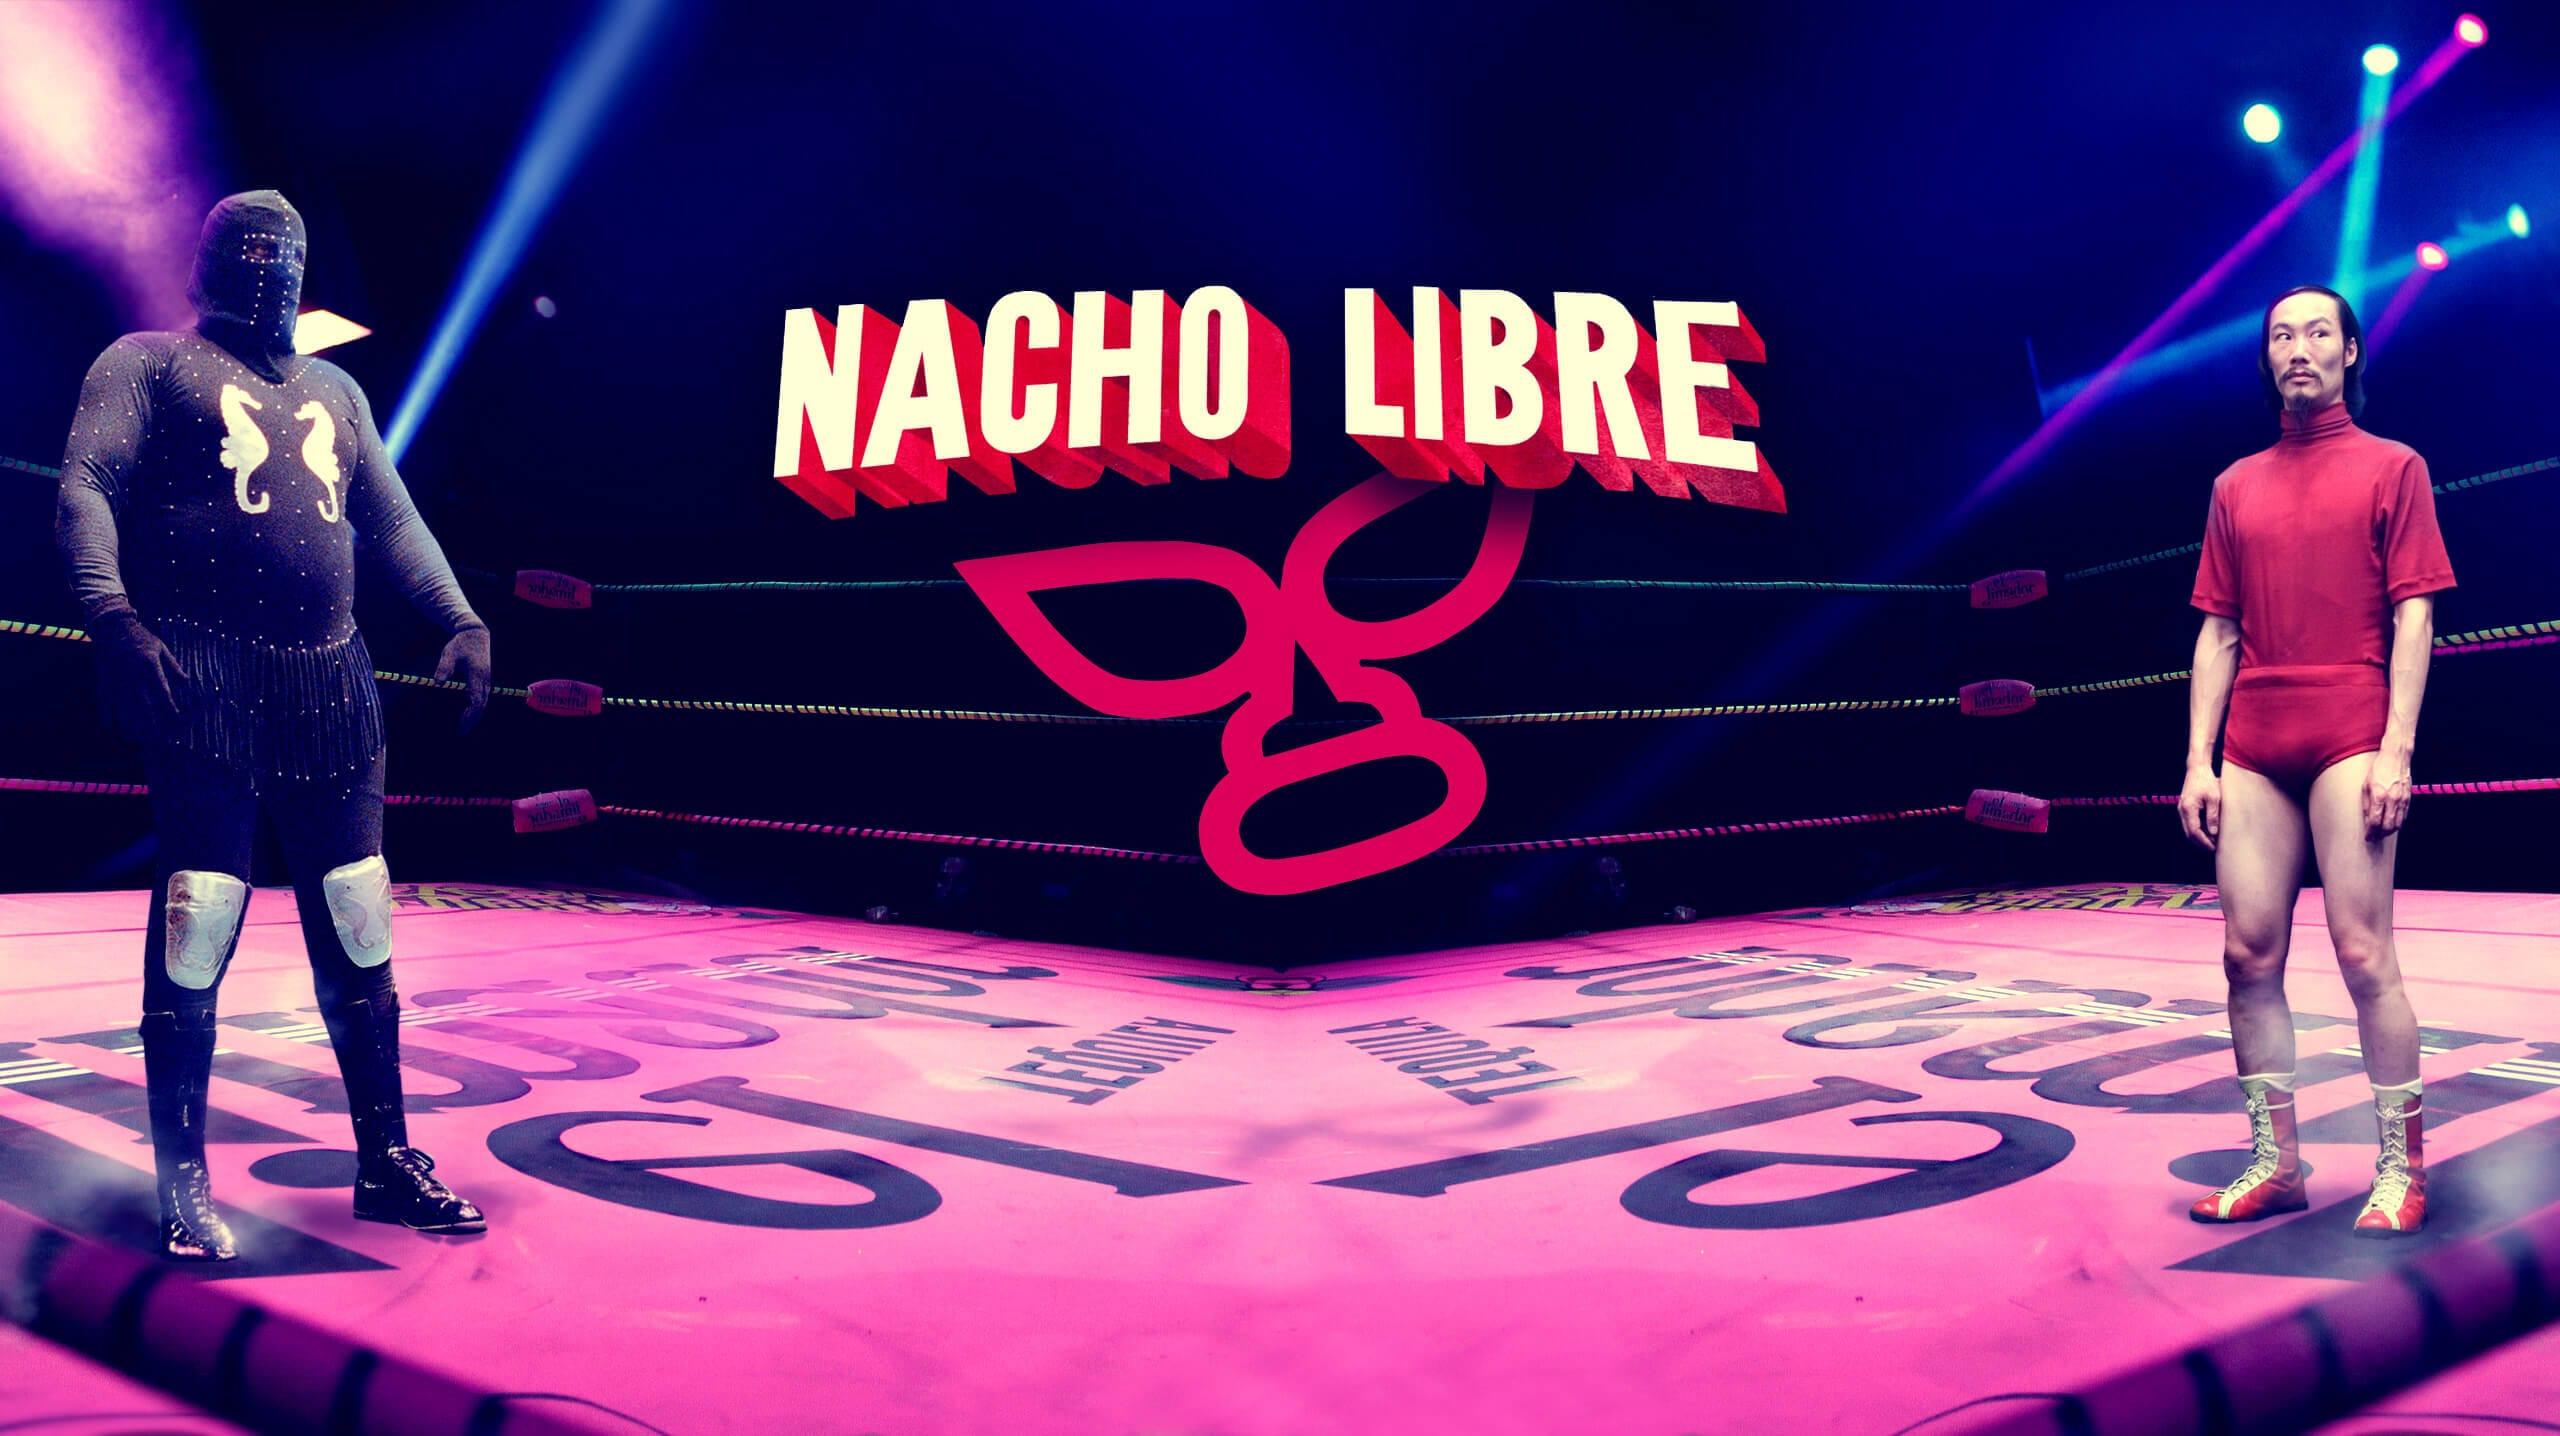 Nacho Libre Slot Review